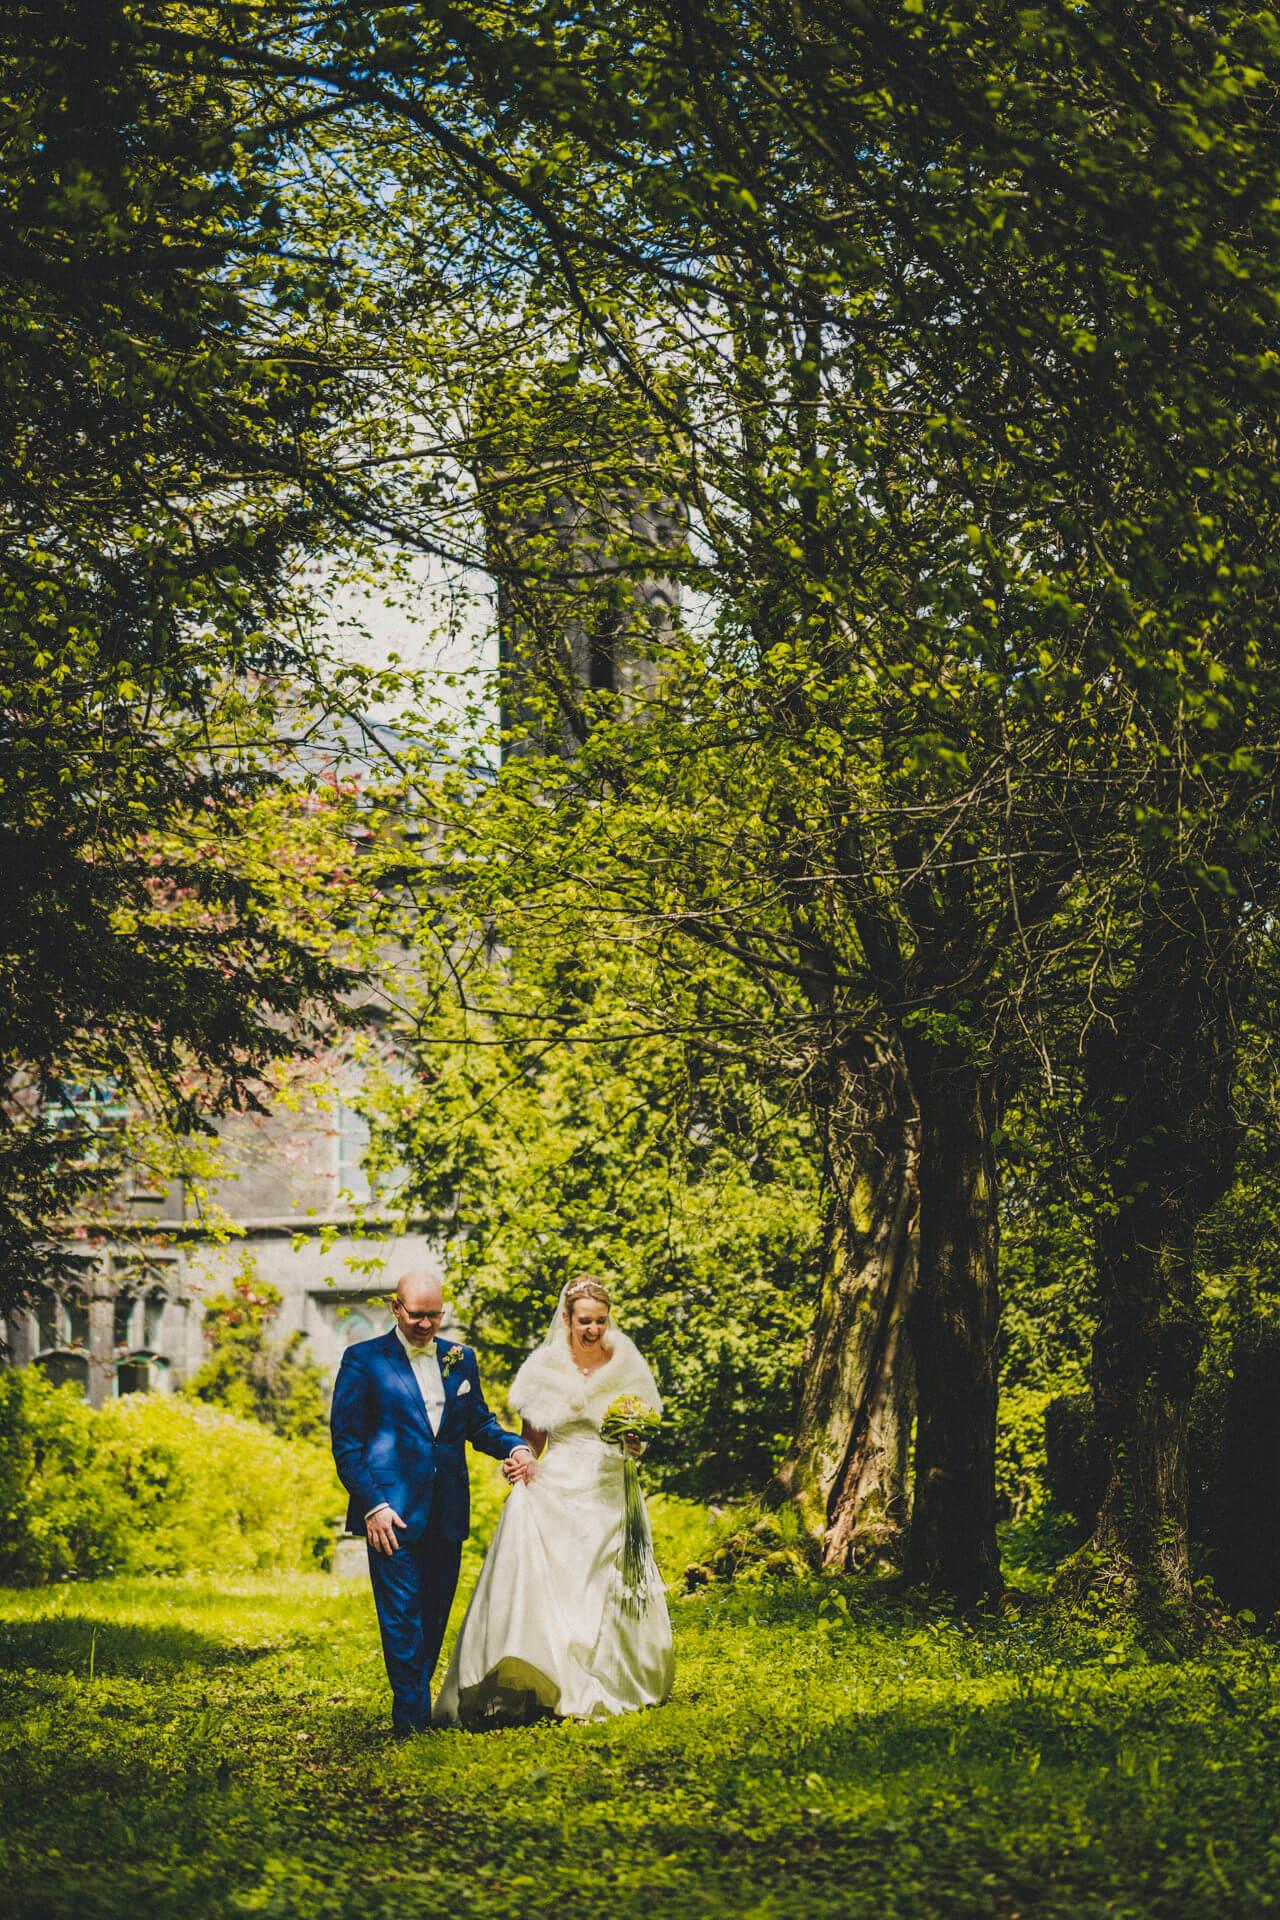 Hochzeitsfotograf Hofgut Friedelhausen - Hochzeitsfotos Schloss Friedelhausen - Hochzeitsporträts vorm Schloss